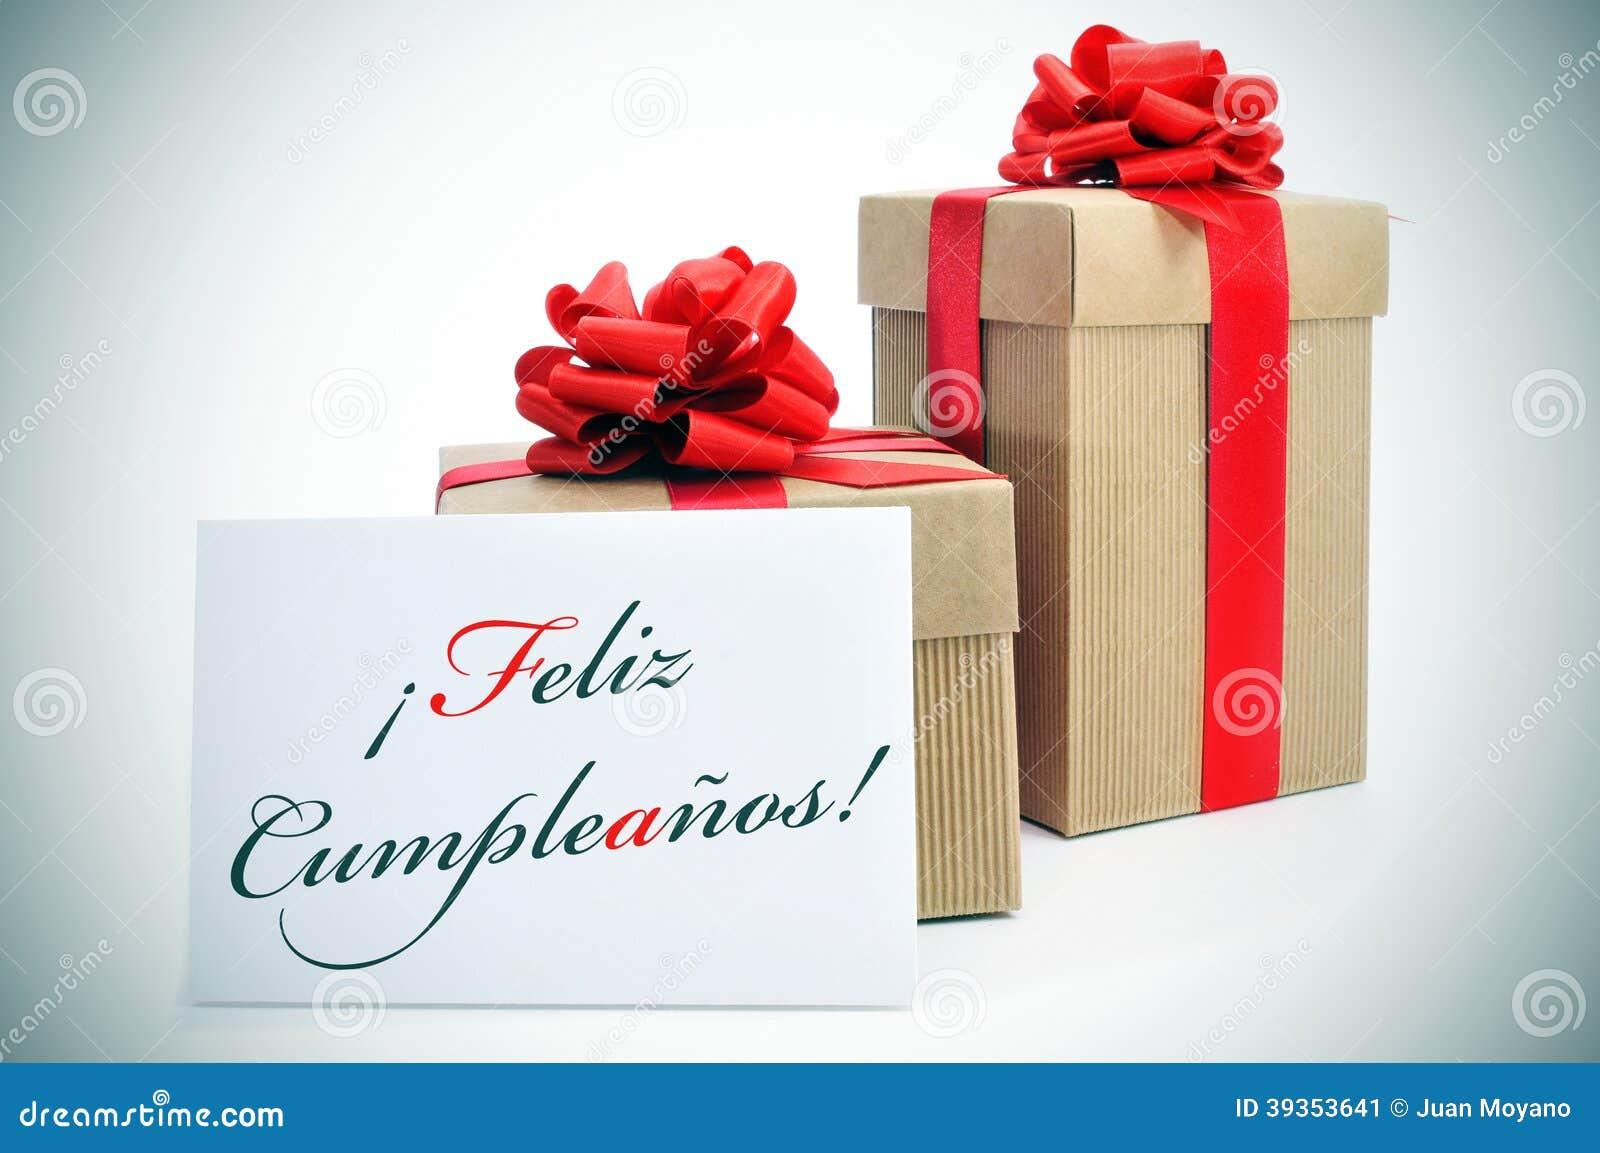 Feliz-cumpleanos, alles Gute zum Geburtstag geschrieben auf spanisch